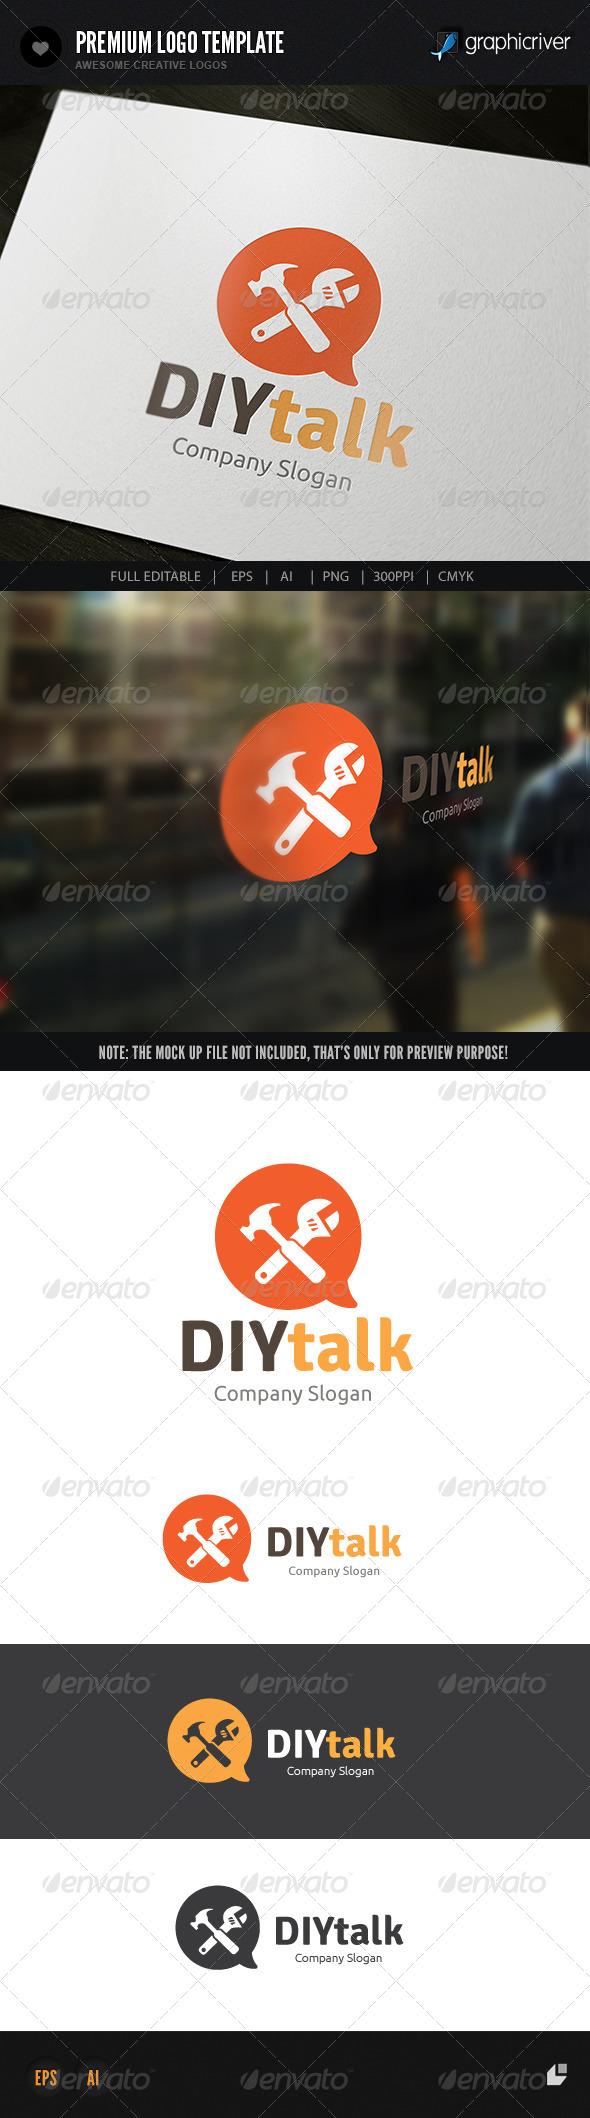 DIY Talk